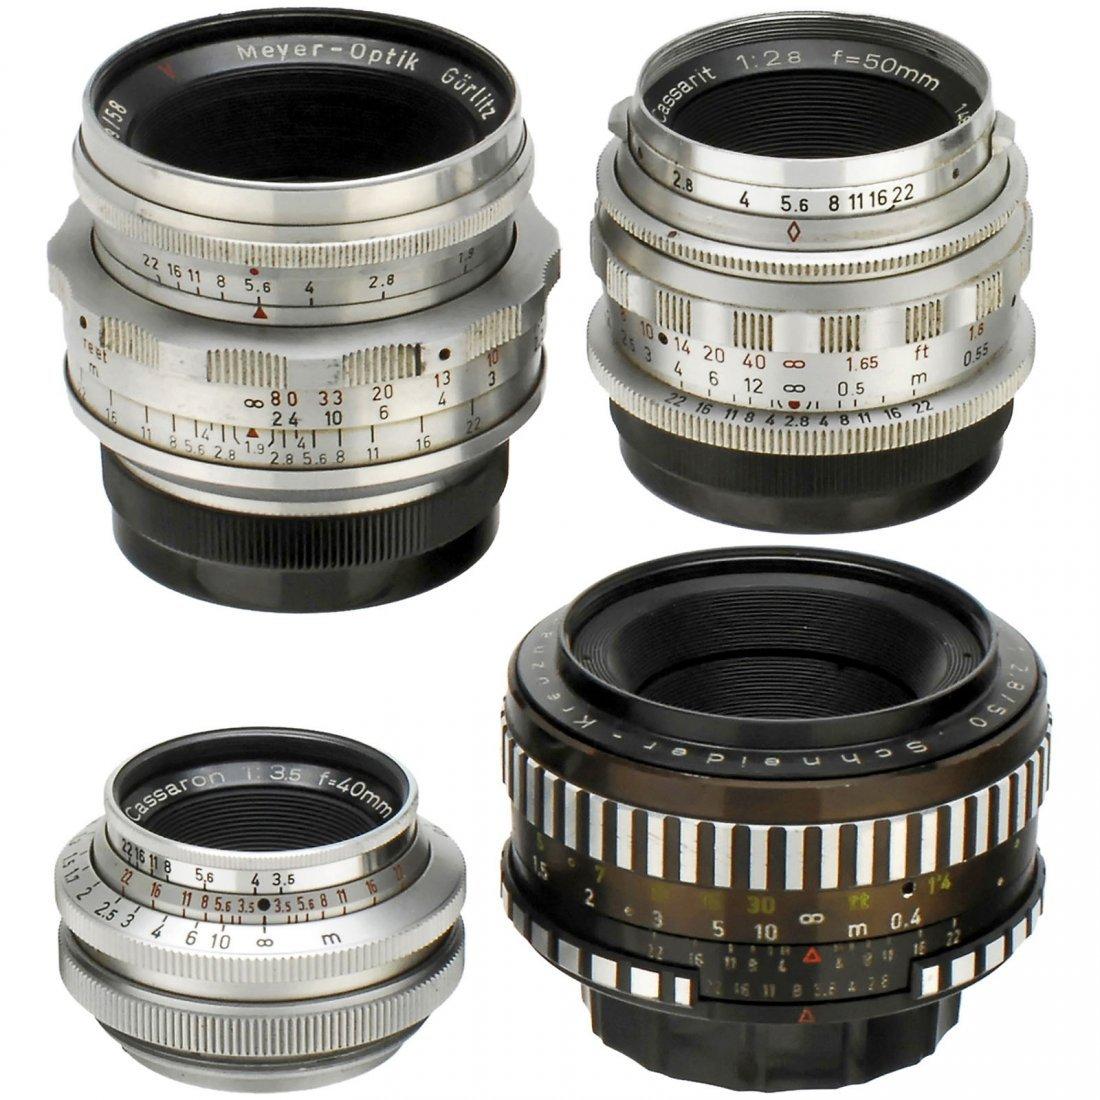 4 Lenses with M42 Screw-Mount